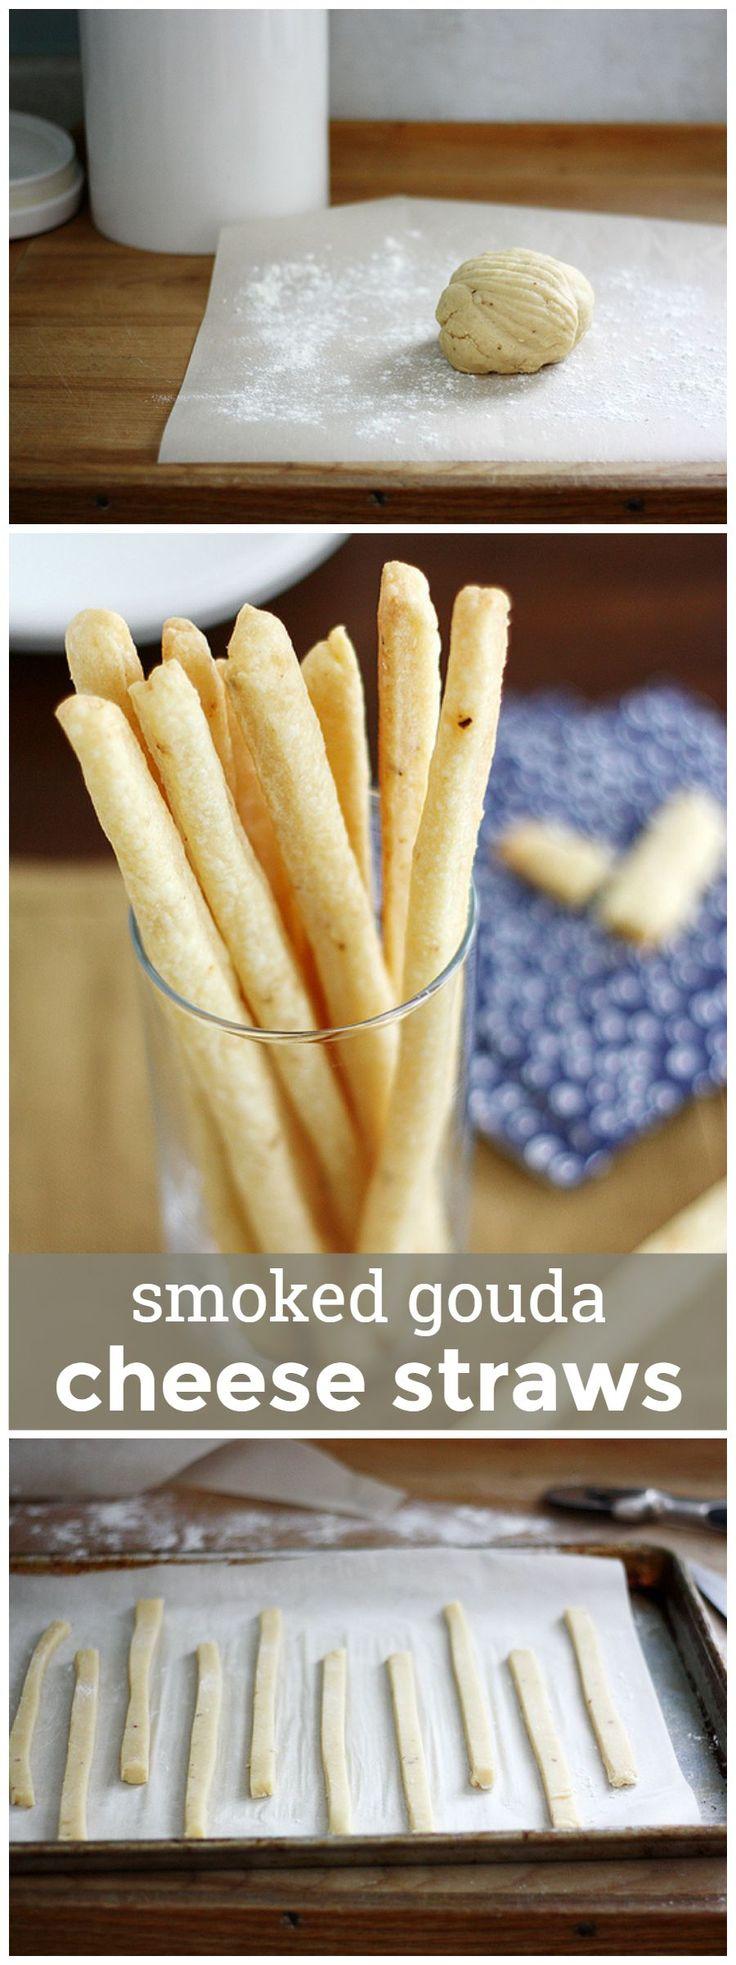 Smoked Gouda Cheese Straws -- the perfect easy, cheesy appetizer or snack! girlversusdough.com @girlversusdough